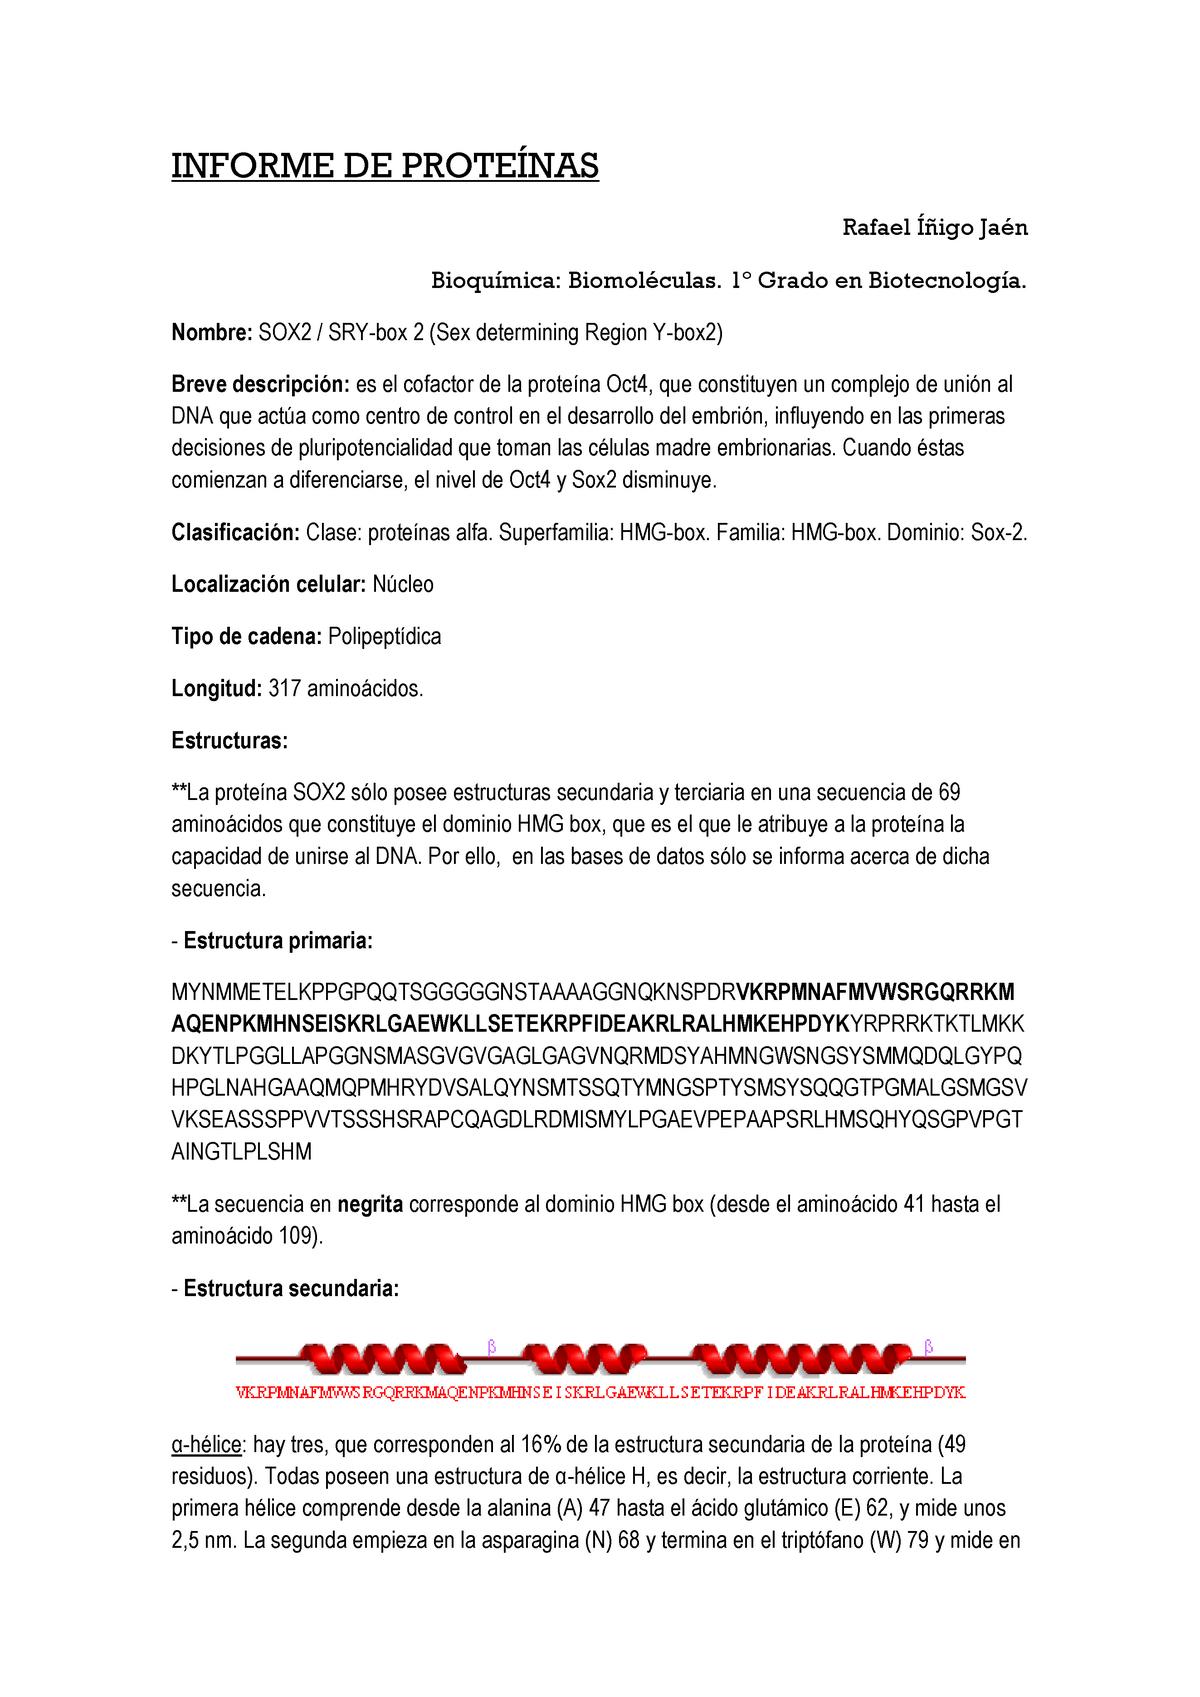 Informe De La Proteína Sox2 Bioquímica Biomoléculas Studocu